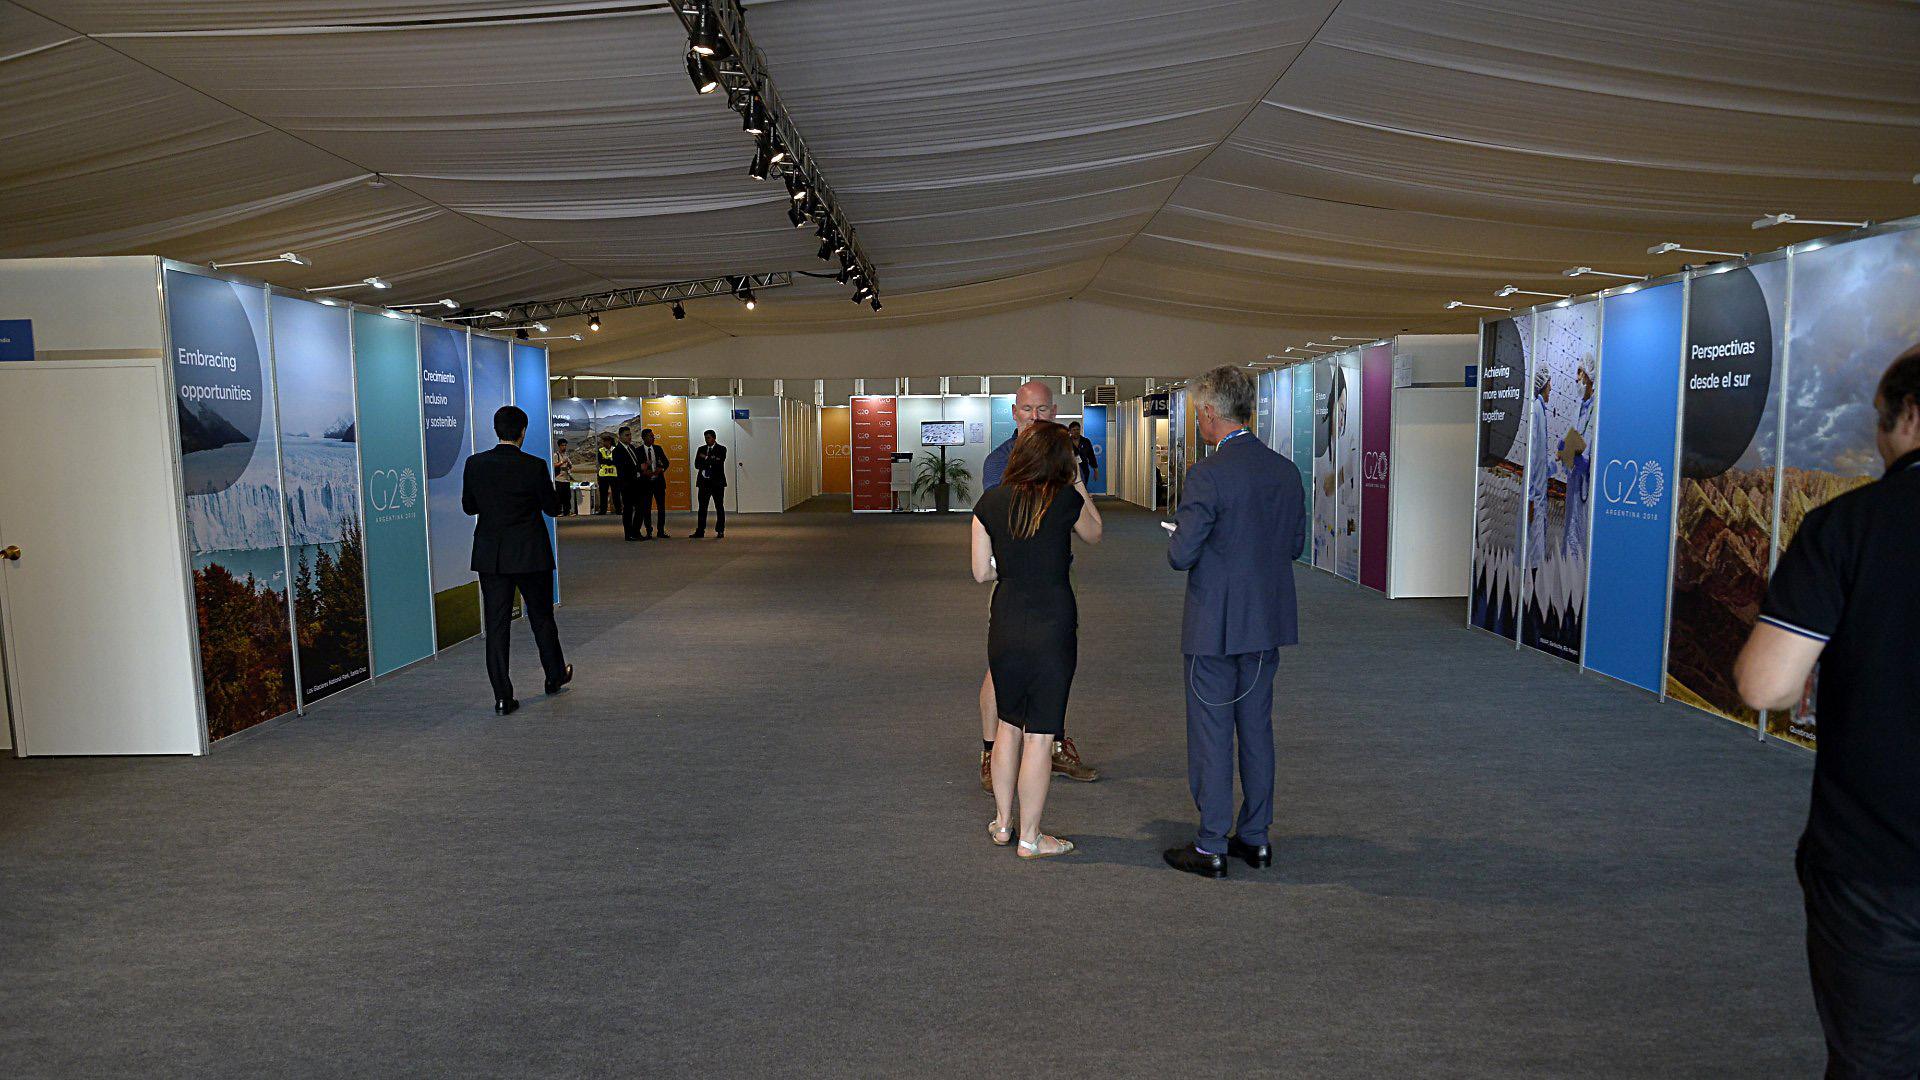 El principal responsable de la Unidad G20, a cargo de las cuestiones organizativas del evento, es el titular del Sistema Federal de Medios Públicos, Hernán Lombardi